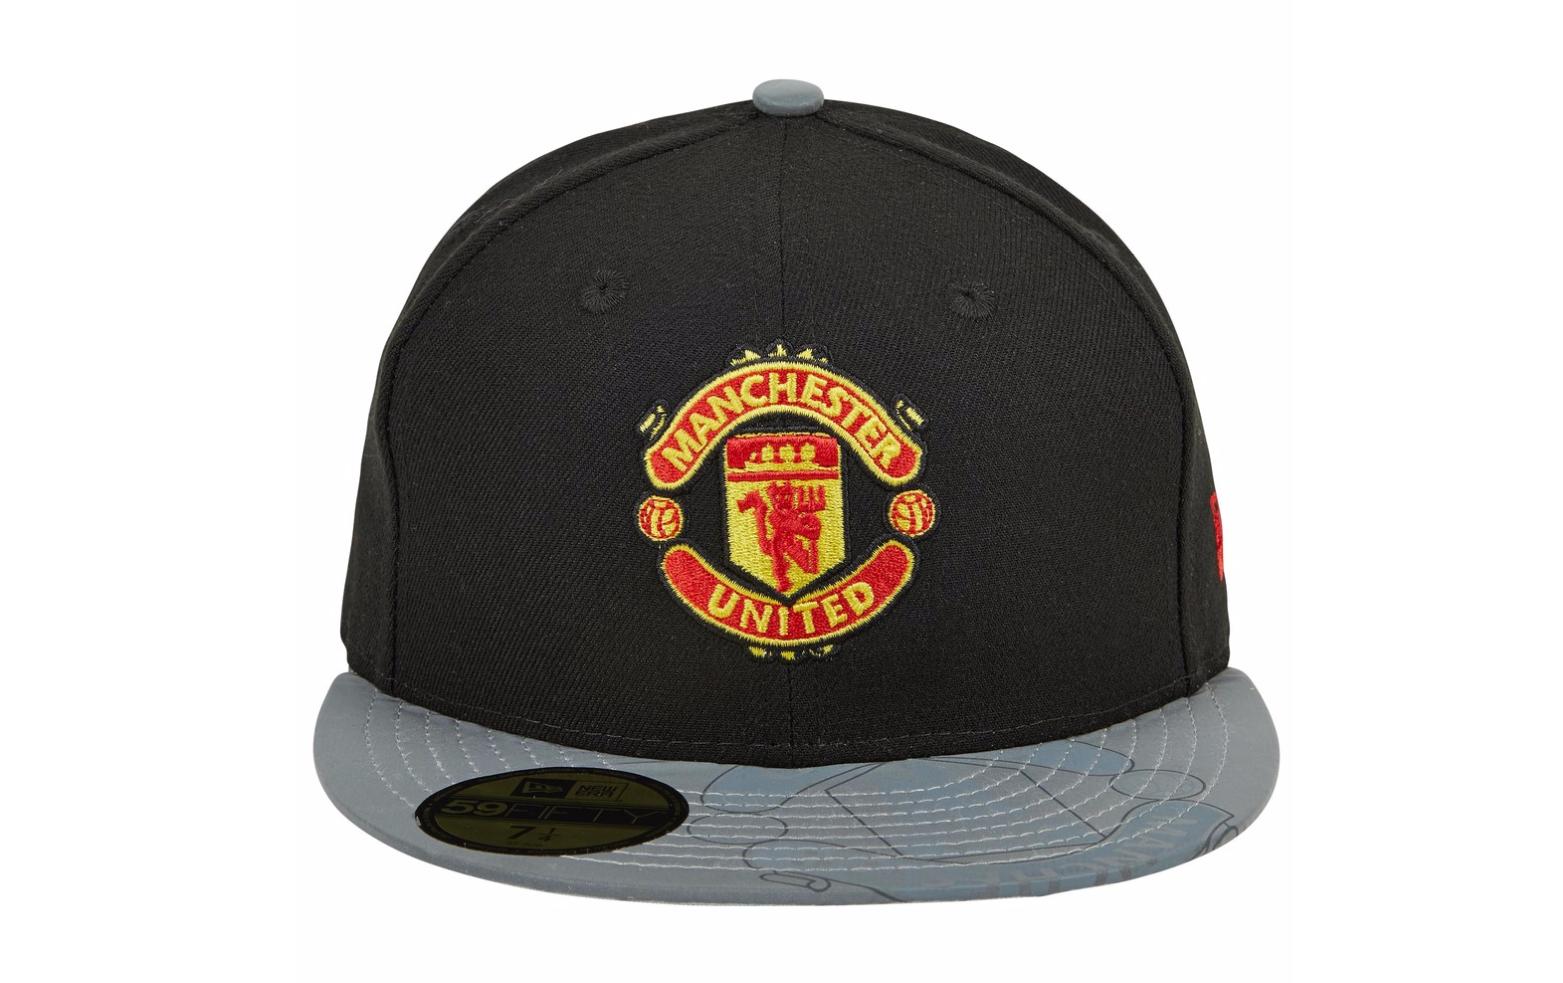 หมวกแก๊ปแมนเชสเตอร์ ยูไนเต็ด นิวอีร่ารีเฟลคทีฟไวเซอร์ 59ฟิฟตี้สีดำของแท้